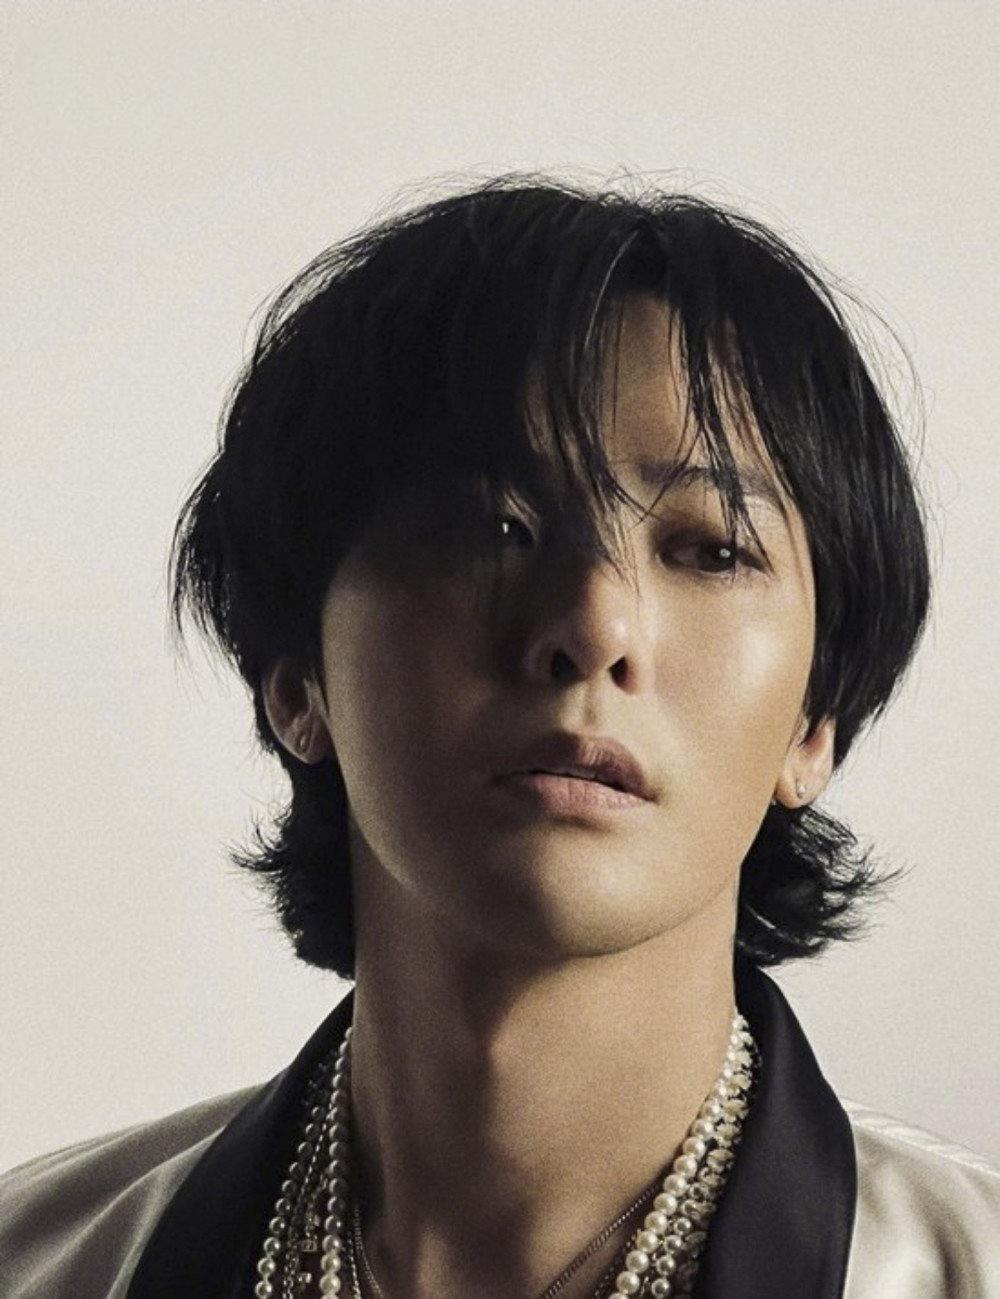 G-Dragon tiết lộ Big Bang sắp trở lại sau gần 5 năm 'đóng băng' hoạt động? Ảnh 3